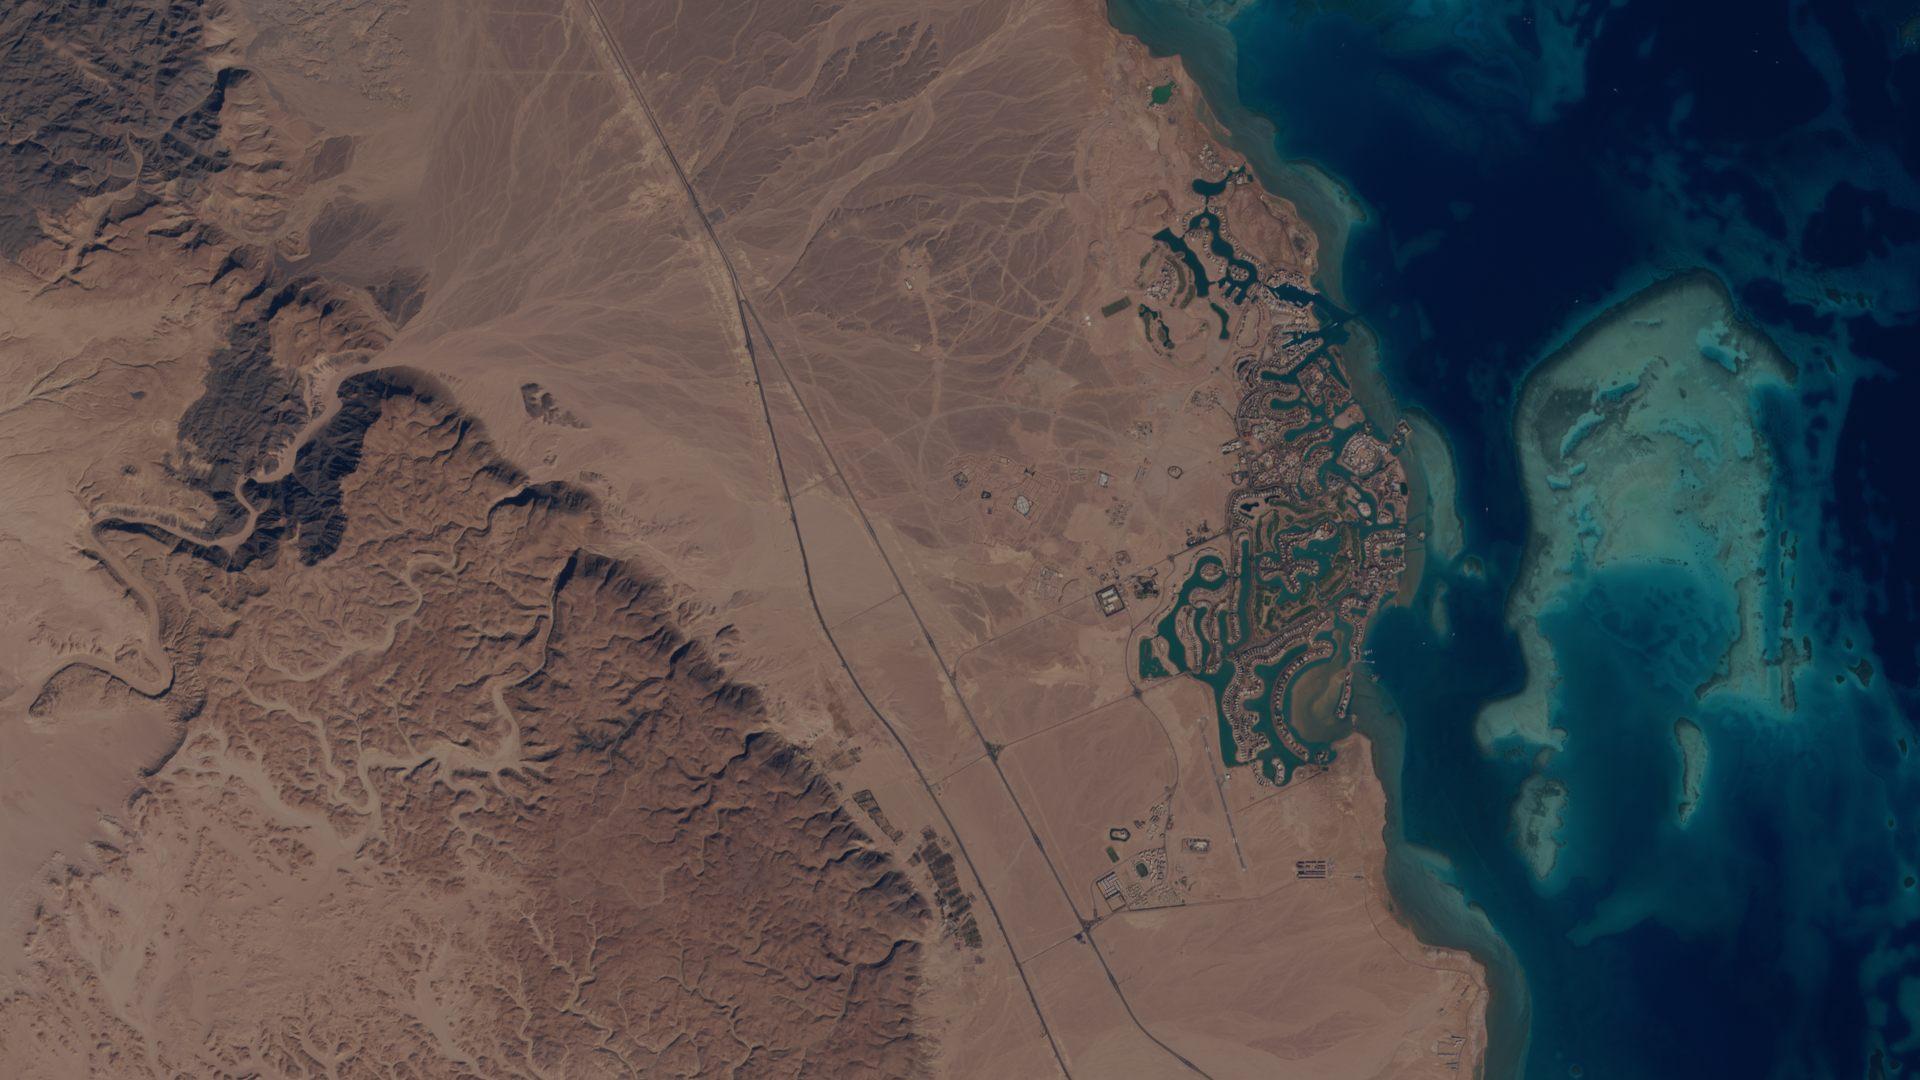 Mer rouge - Egypte - Tourisme - Golf - El Gouna - Satellite sentinel 2 - MSI - ESA - observation de la Terre